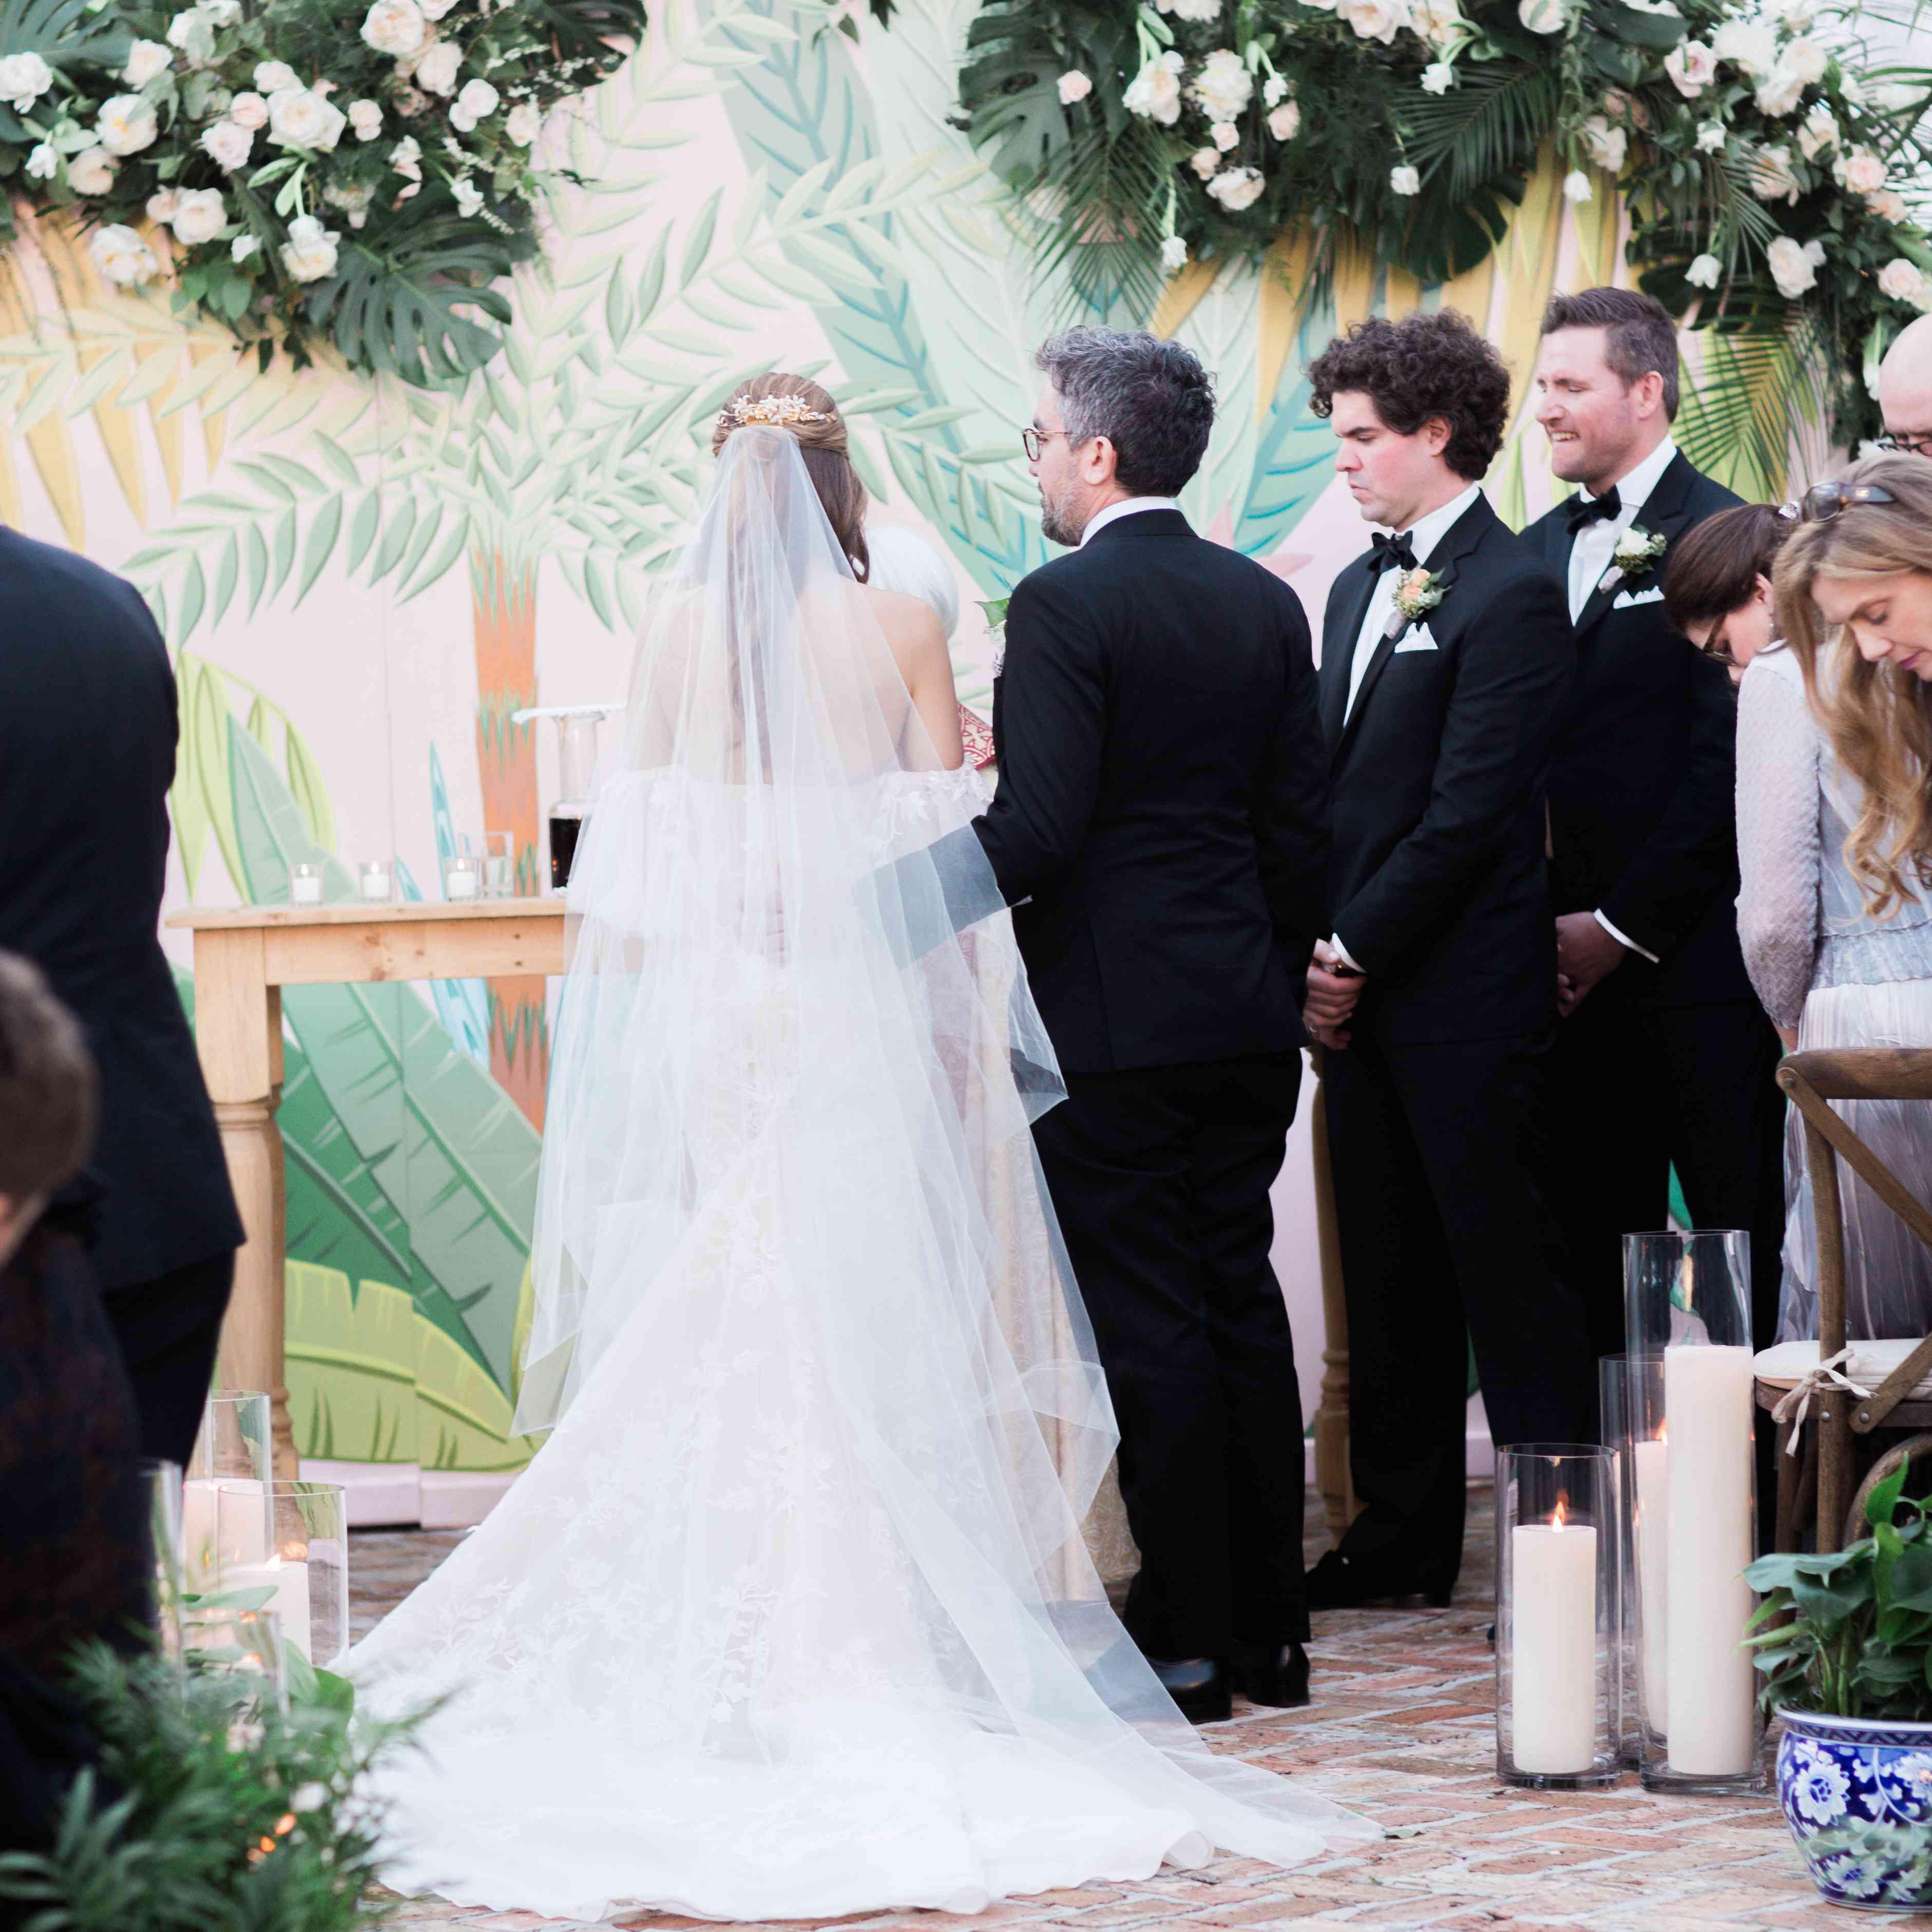 <p>bride and groom wedding ceremony</p><br><br>